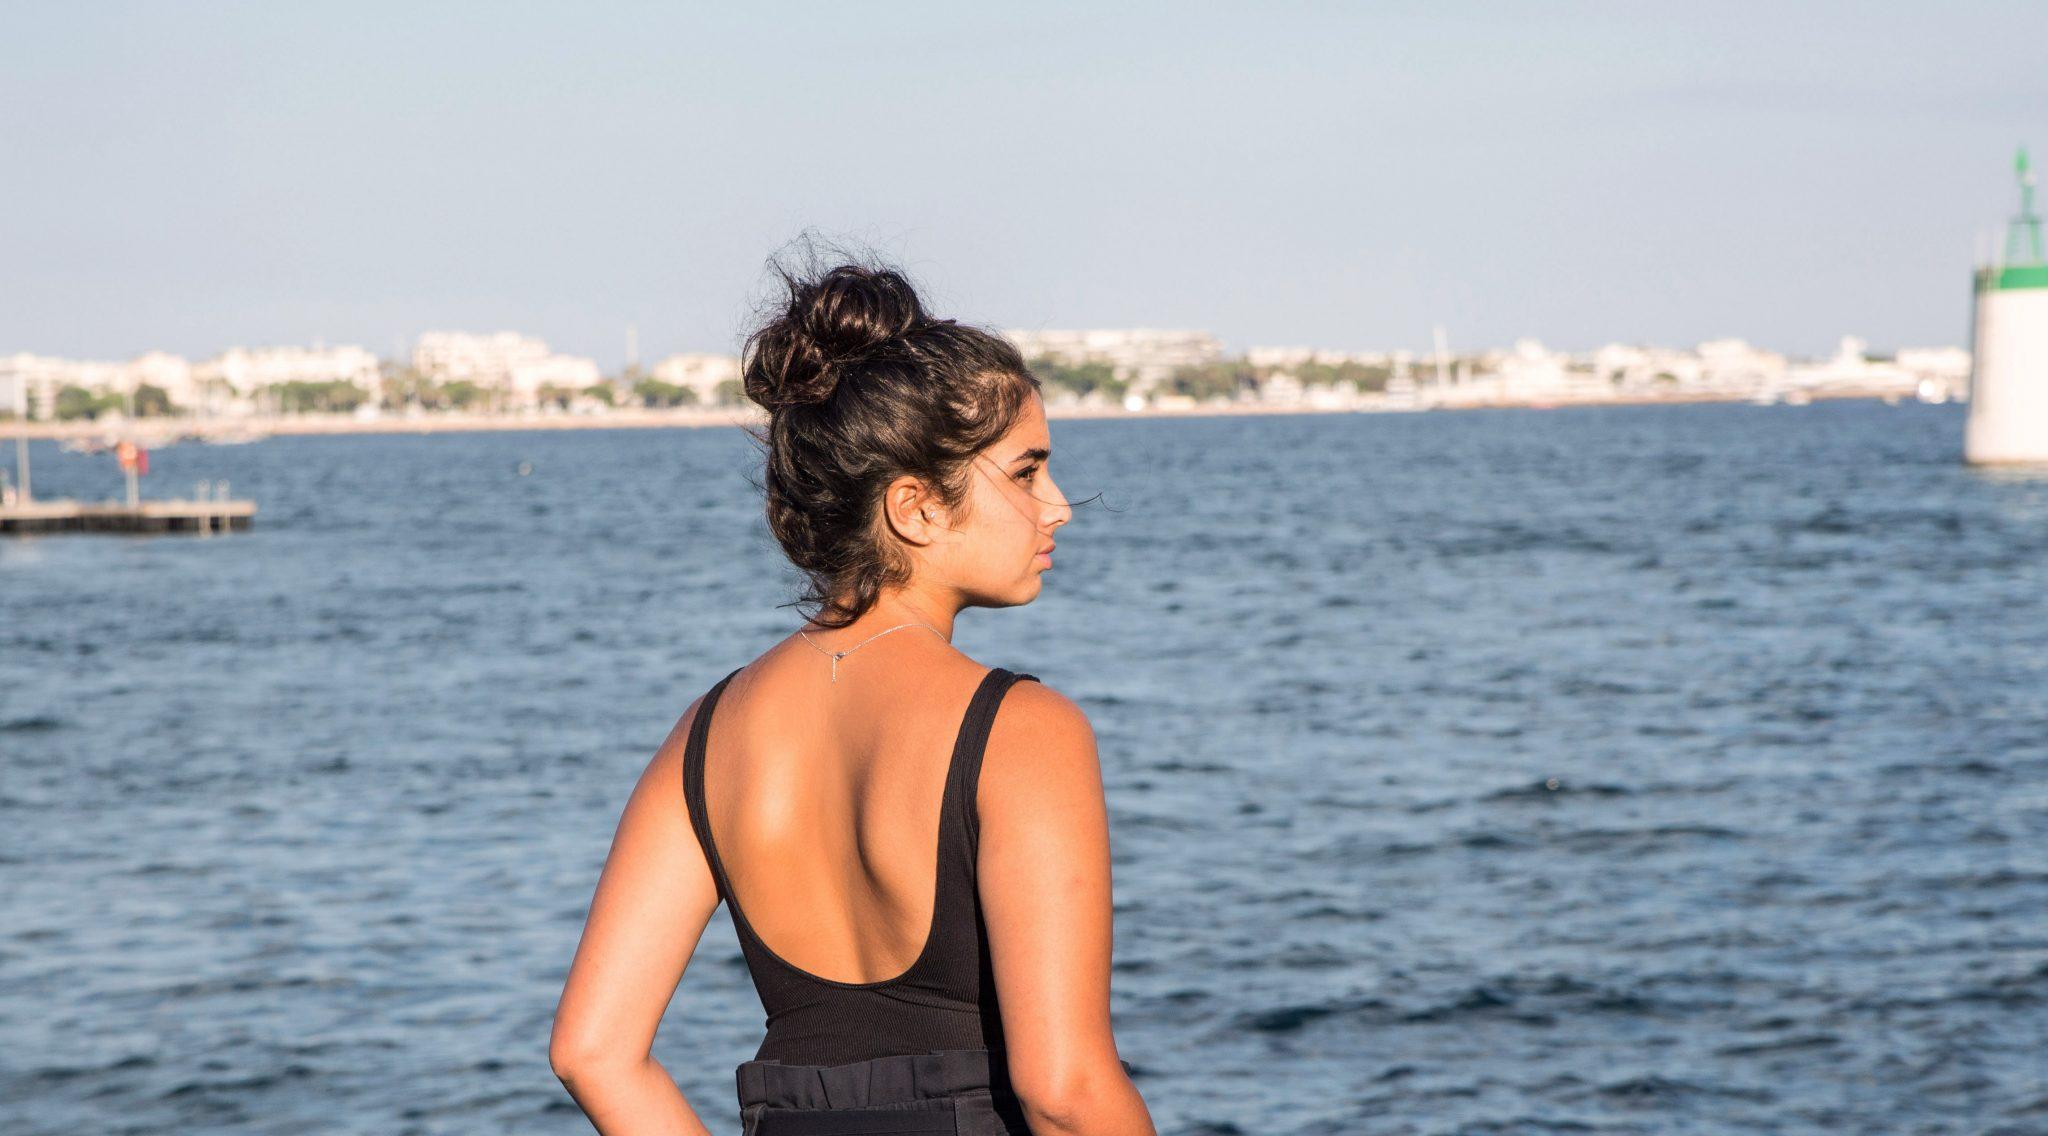 Naïma steht in der Sonne am Strand von Cannes, im Hintergrund ist das Meer zu sehen.